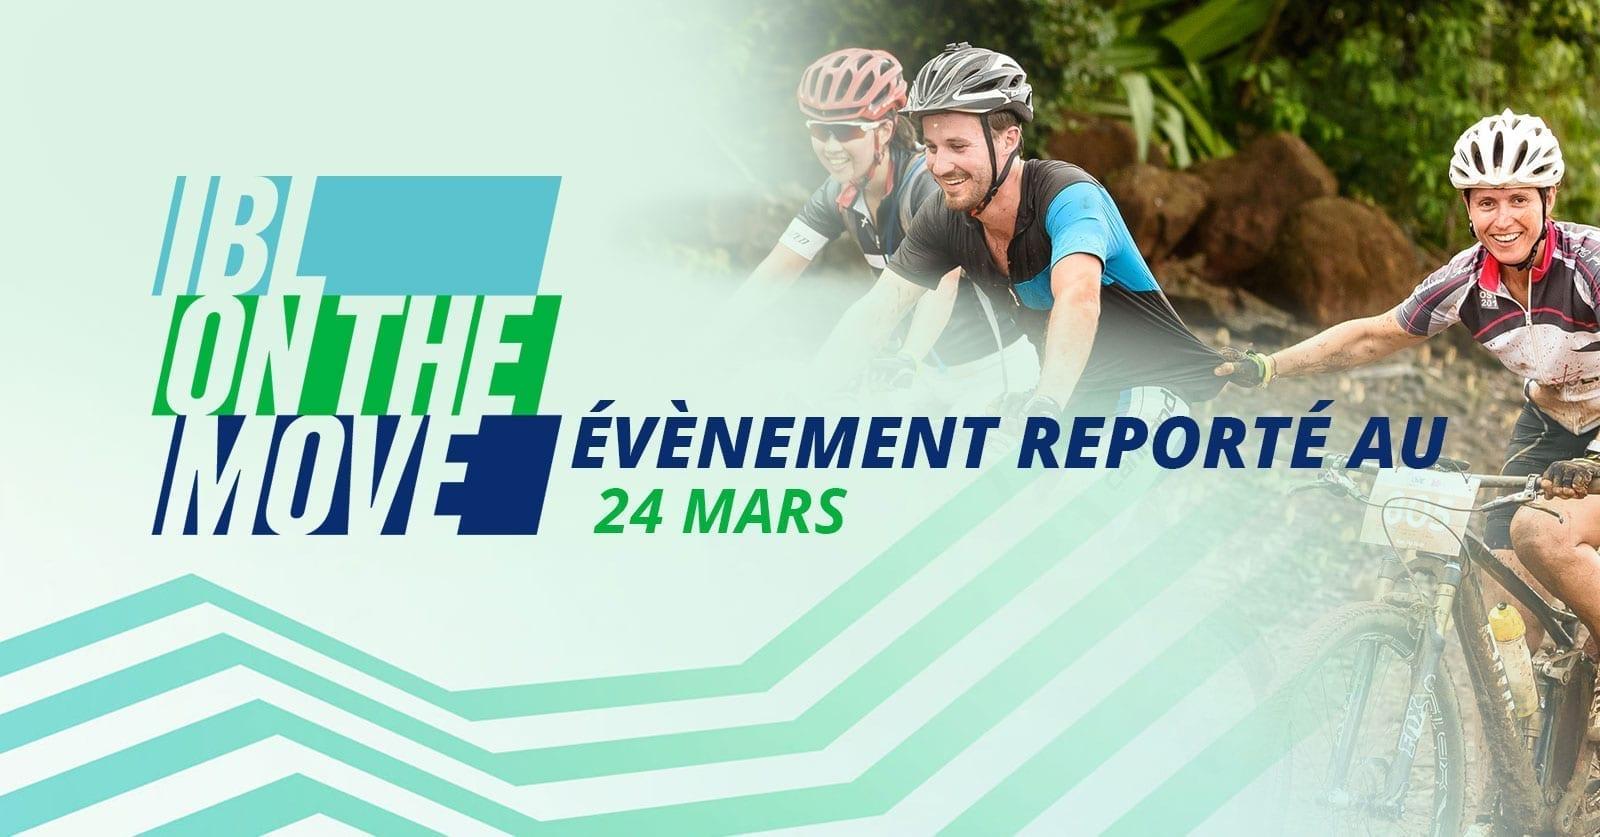 EVENEMENT REPORTE AU 24 MARS